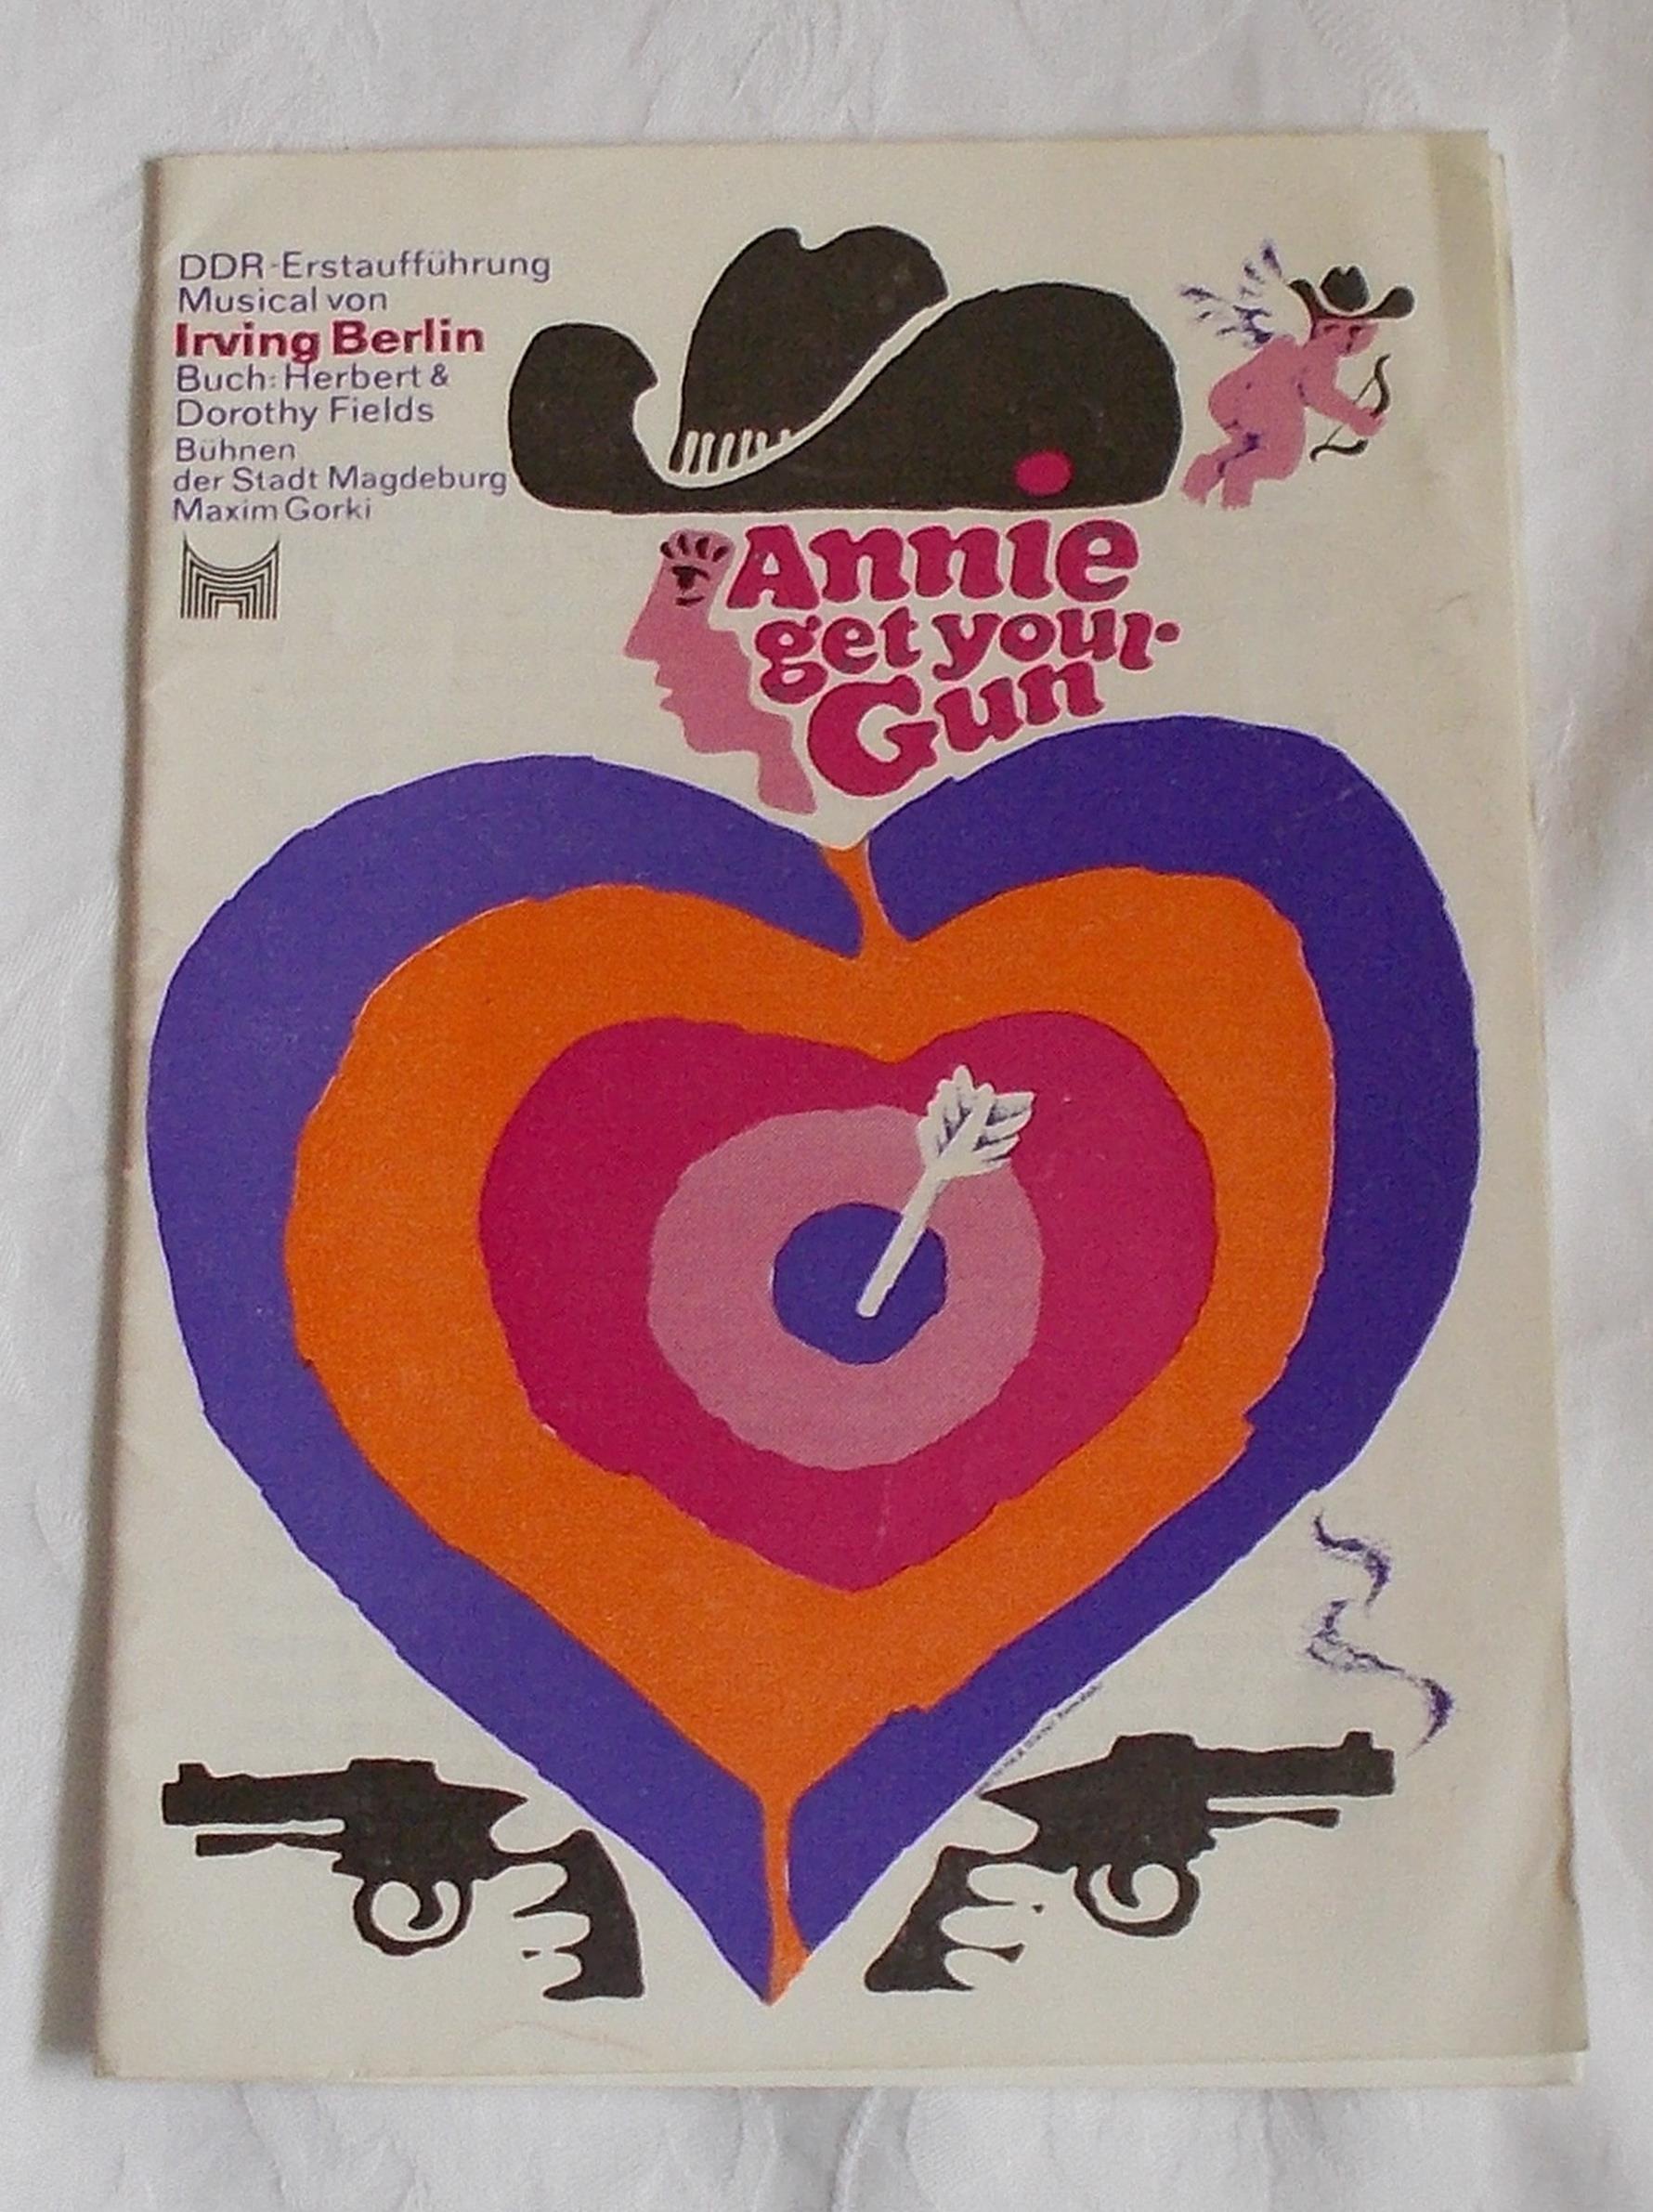 Programmheft ANNIE GET YOUR GUN. Bühnen der Stadt Magdeburg Maxim Gorki 1975